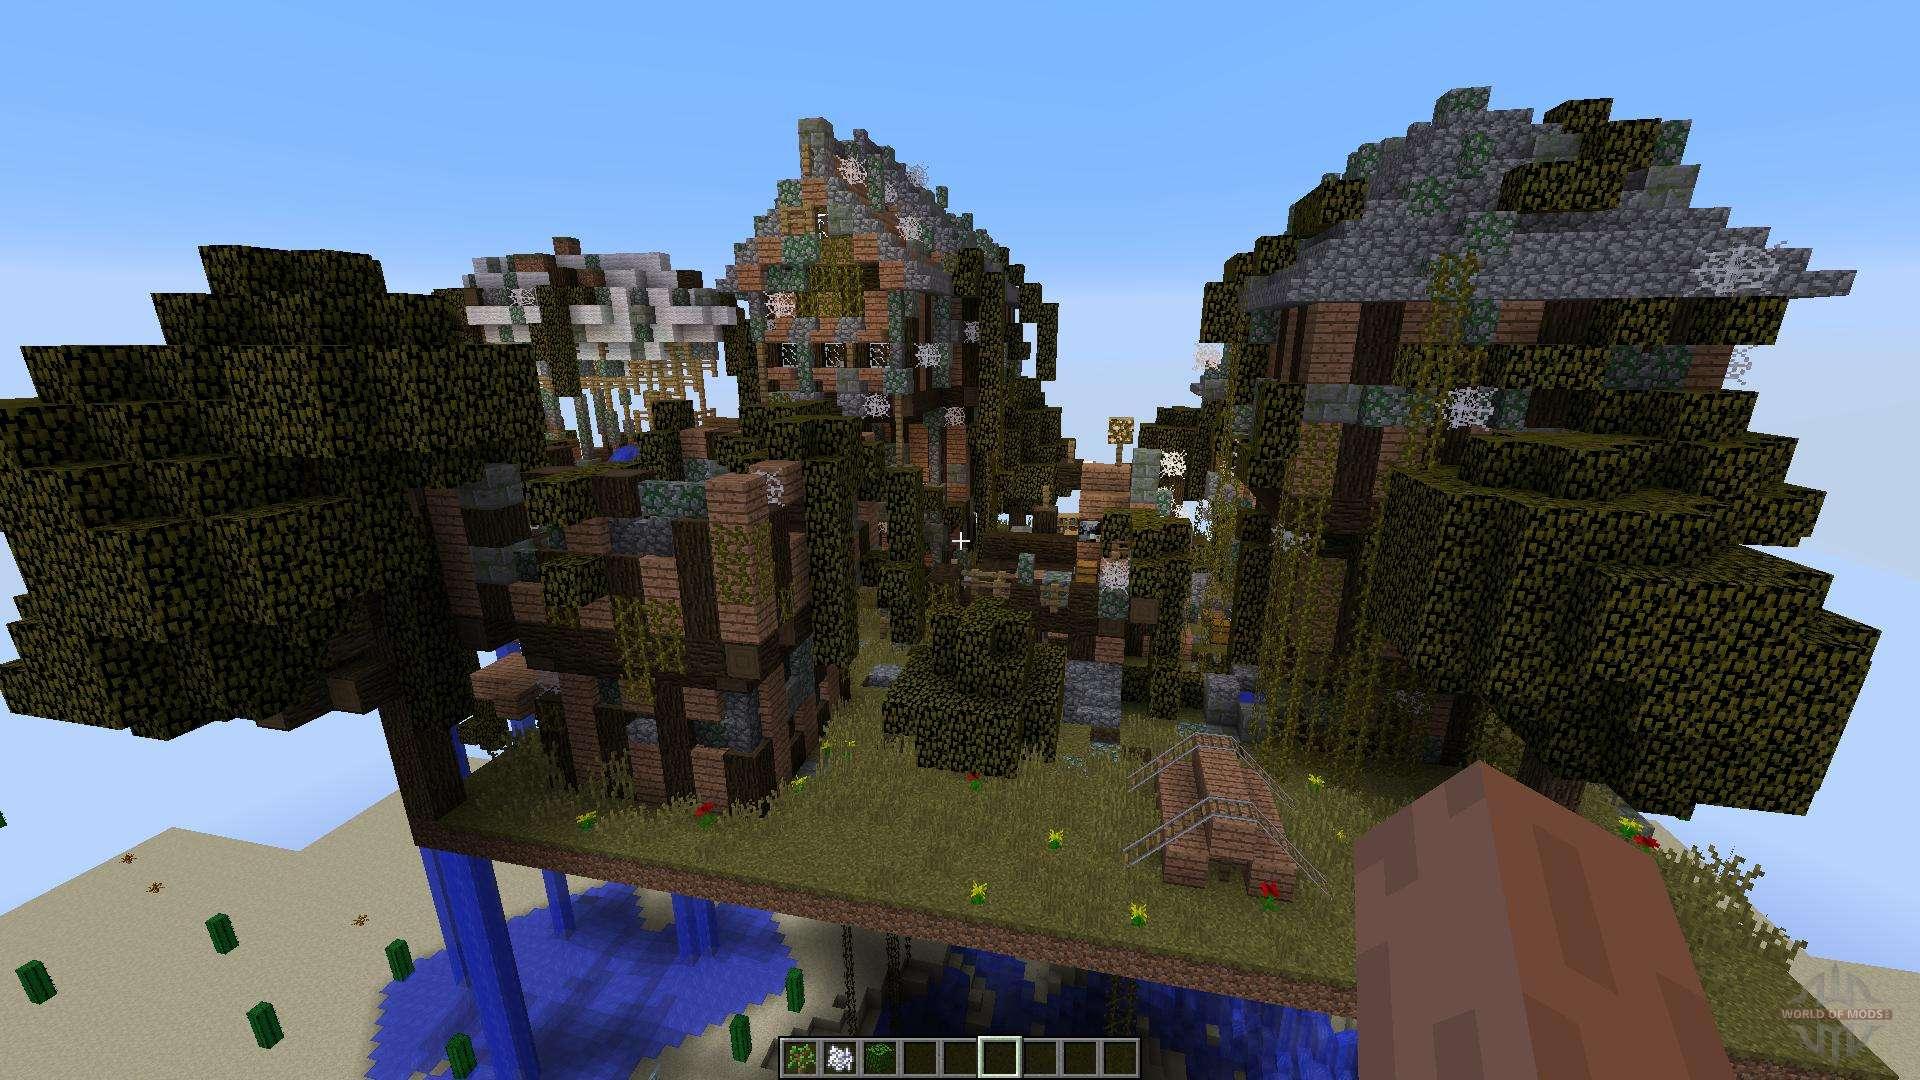 карта заброшенный город для майнкрафт #8